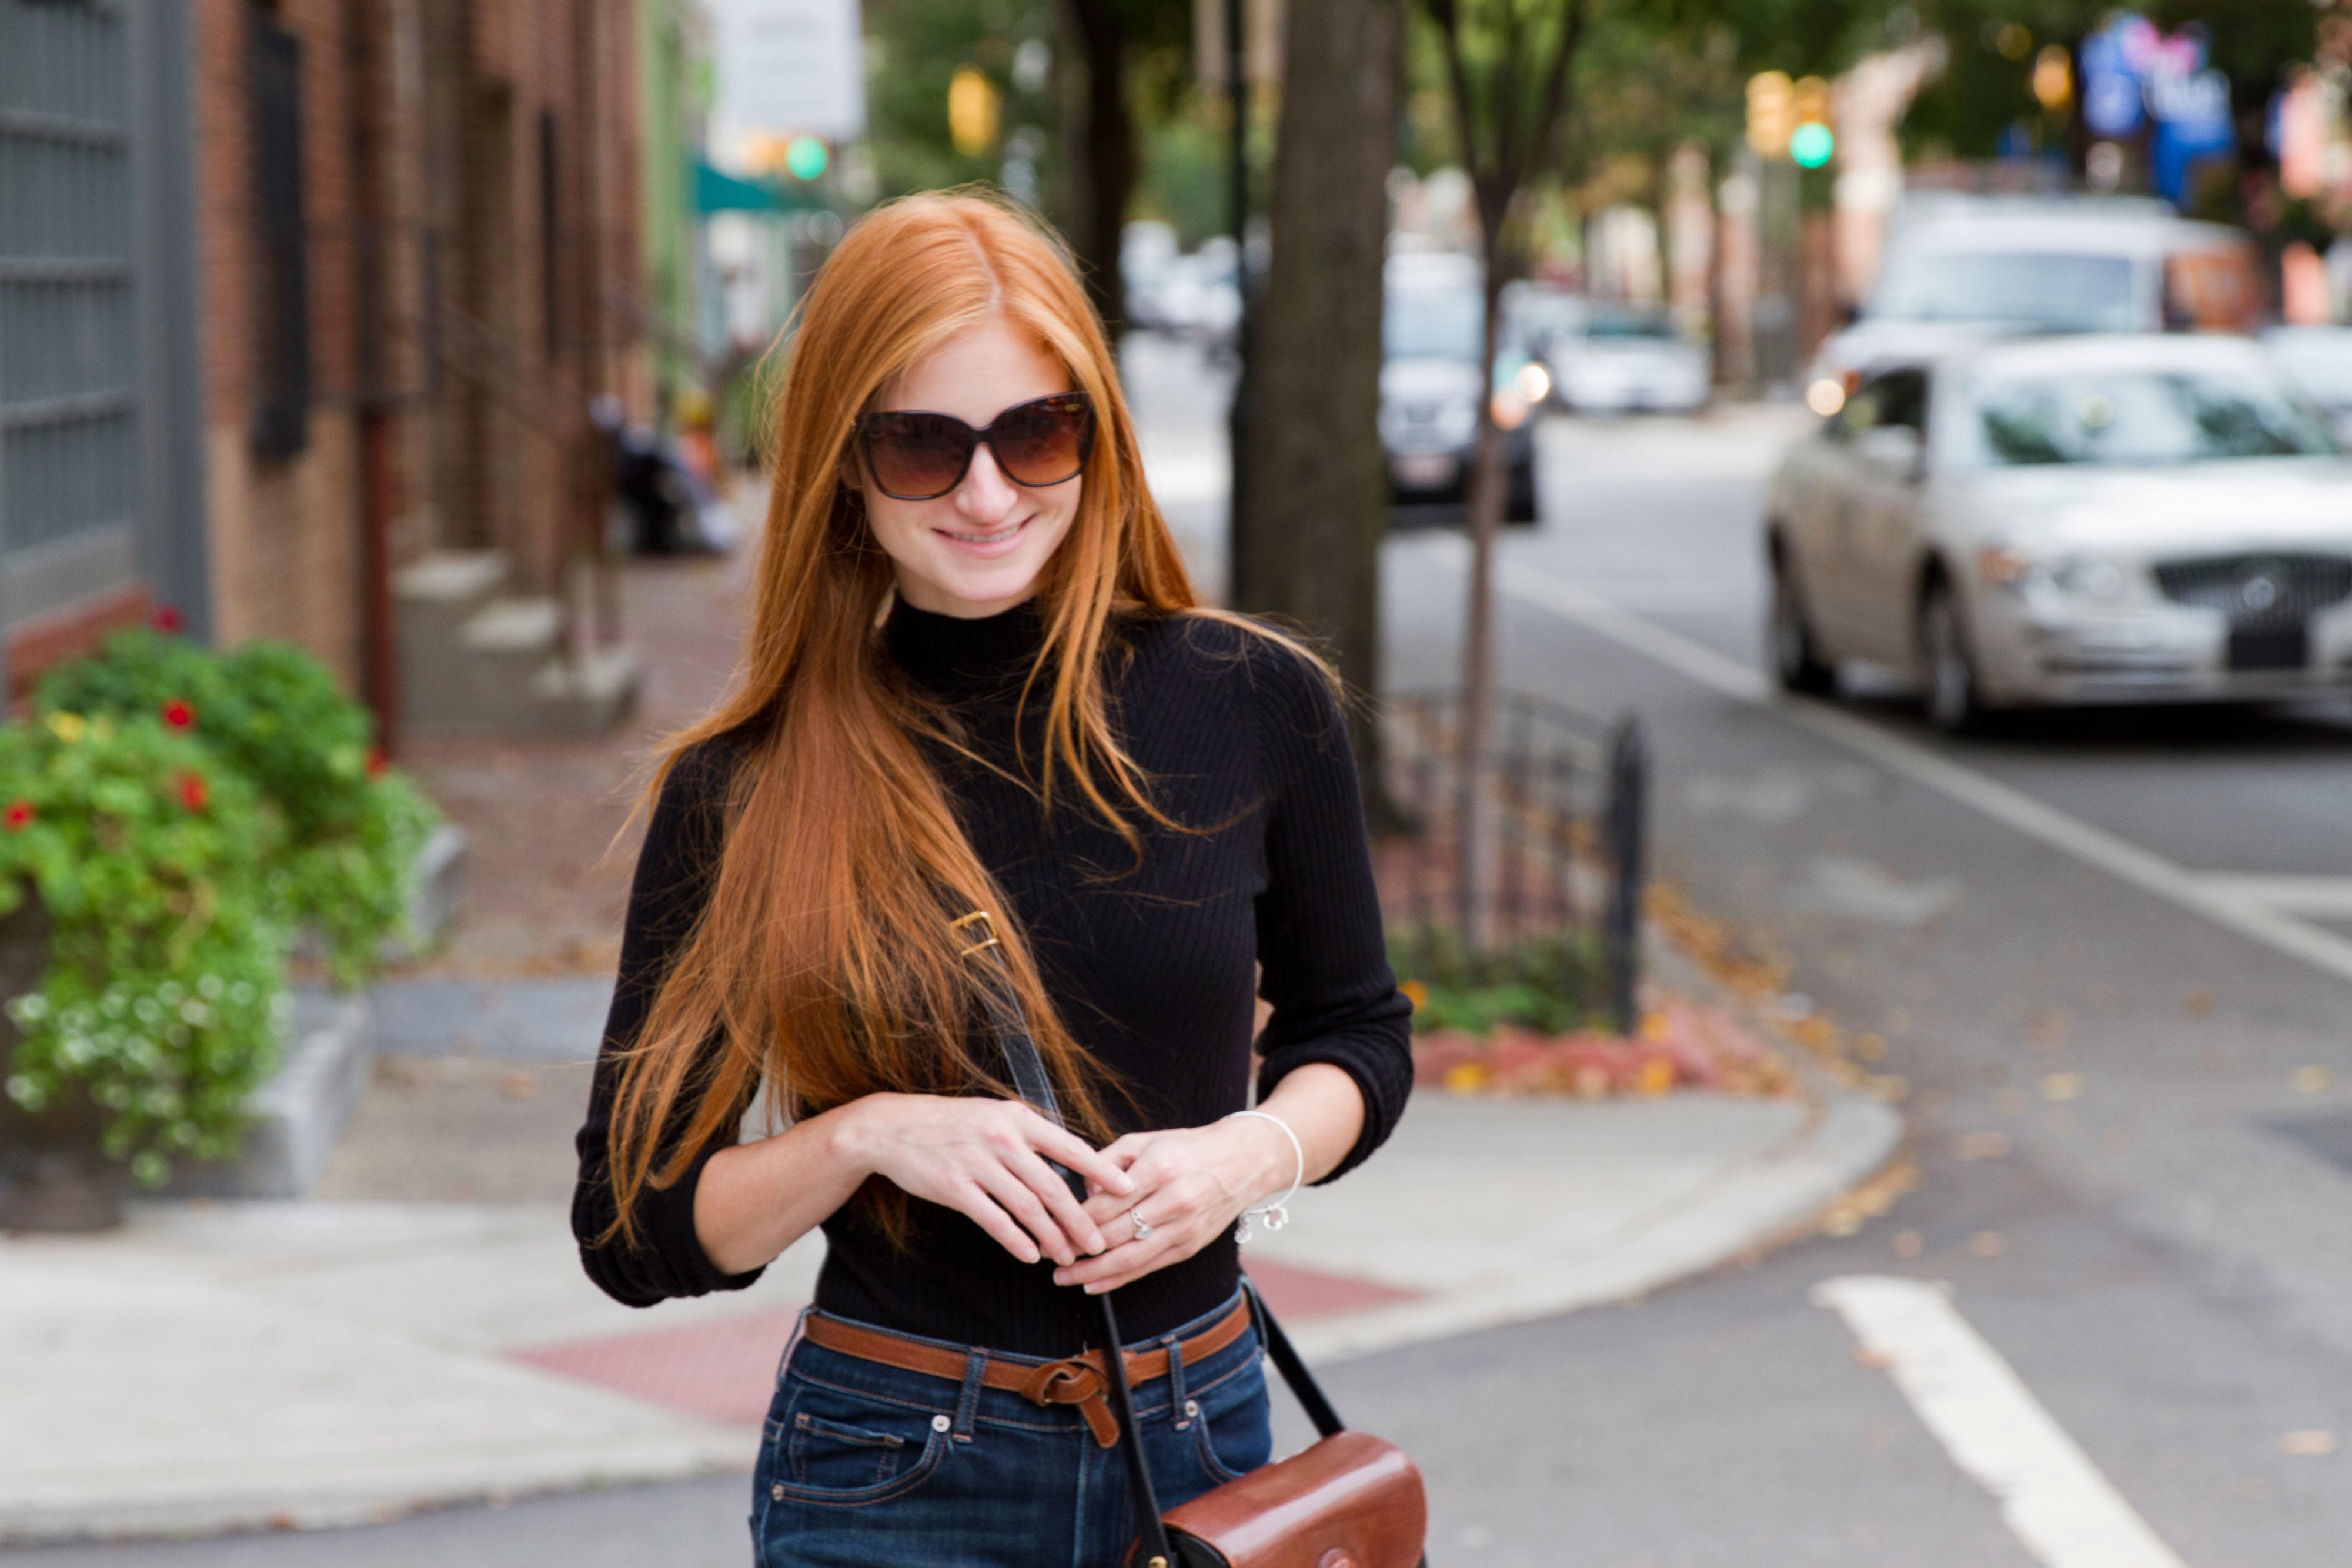 redhead girl smiling while walking in black shirt